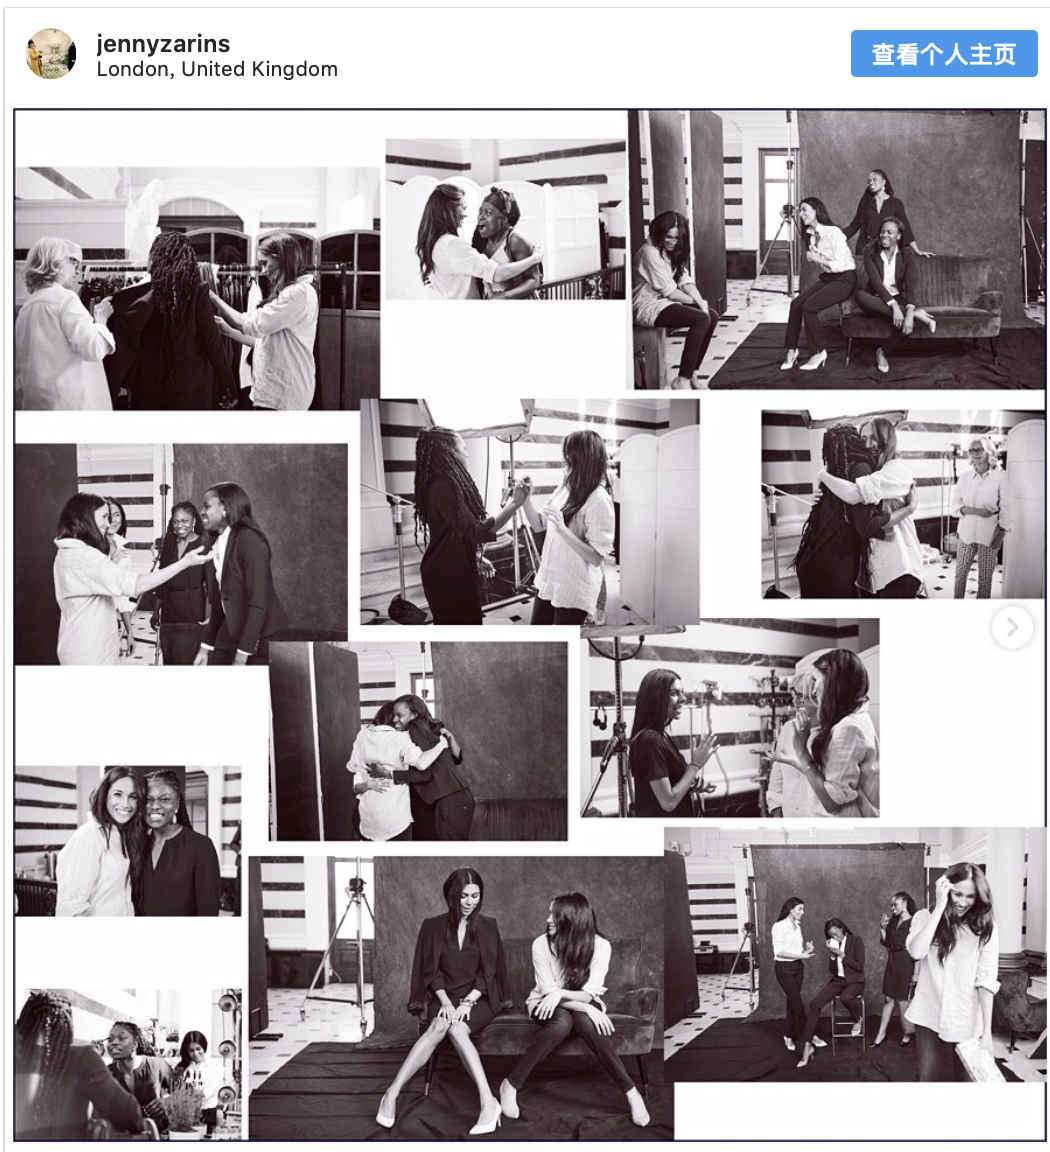 摄影师贴出梅根未发布黑白照,跟同天彩照迥然不同:哪个梅根真实